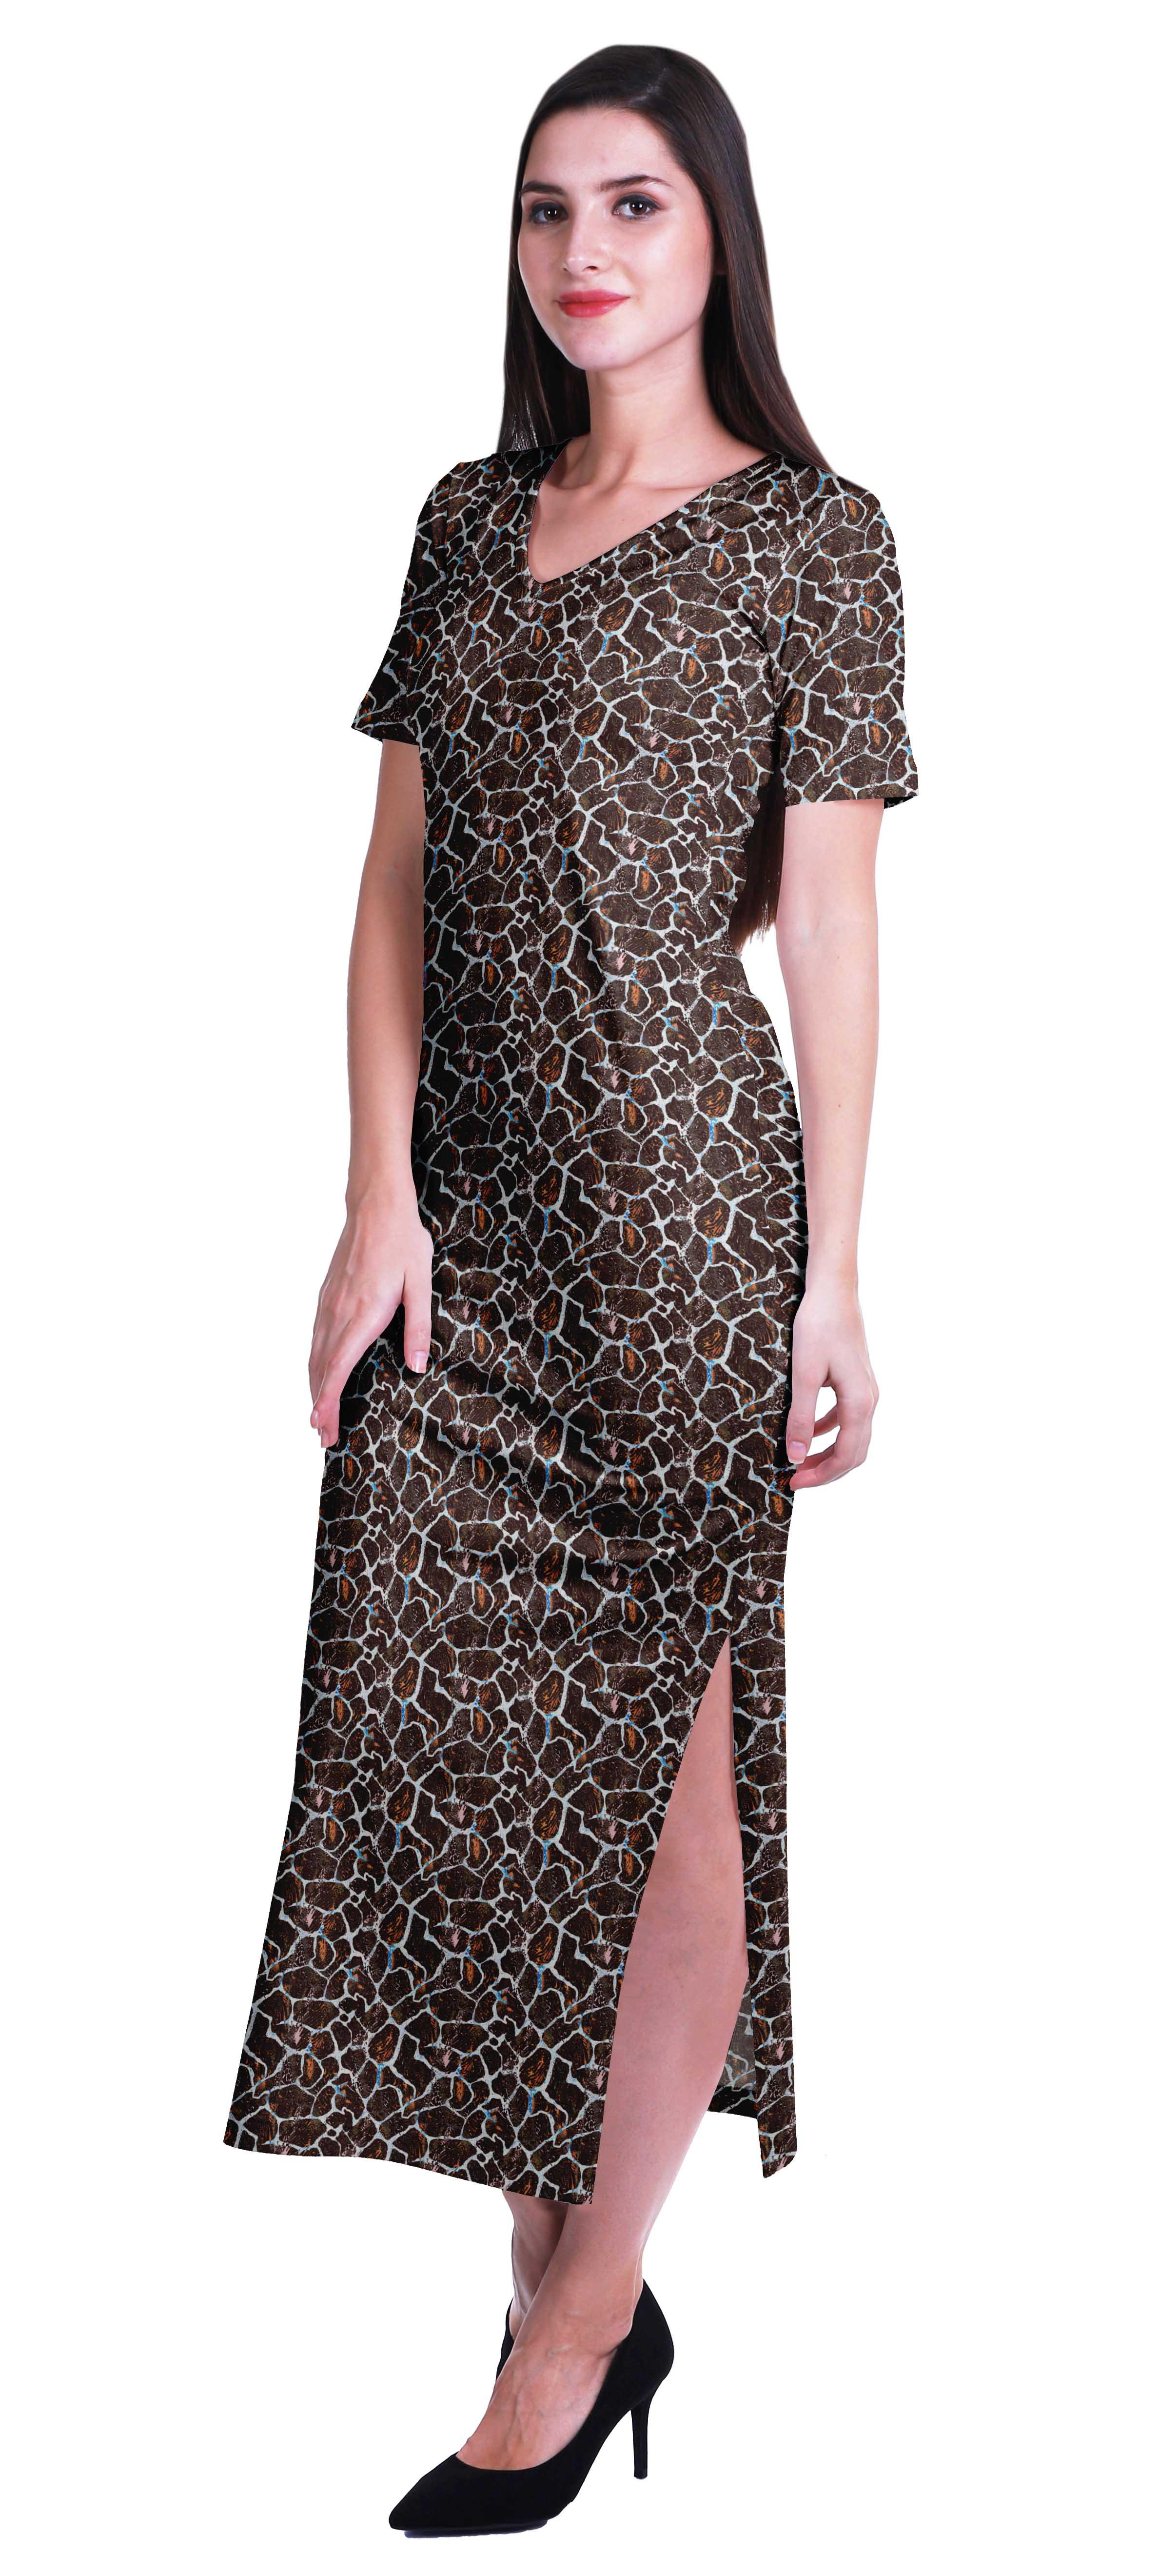 Moomaya Lange Bodycon Maxi,Kleid Für Frauen Kurze Ärmel V